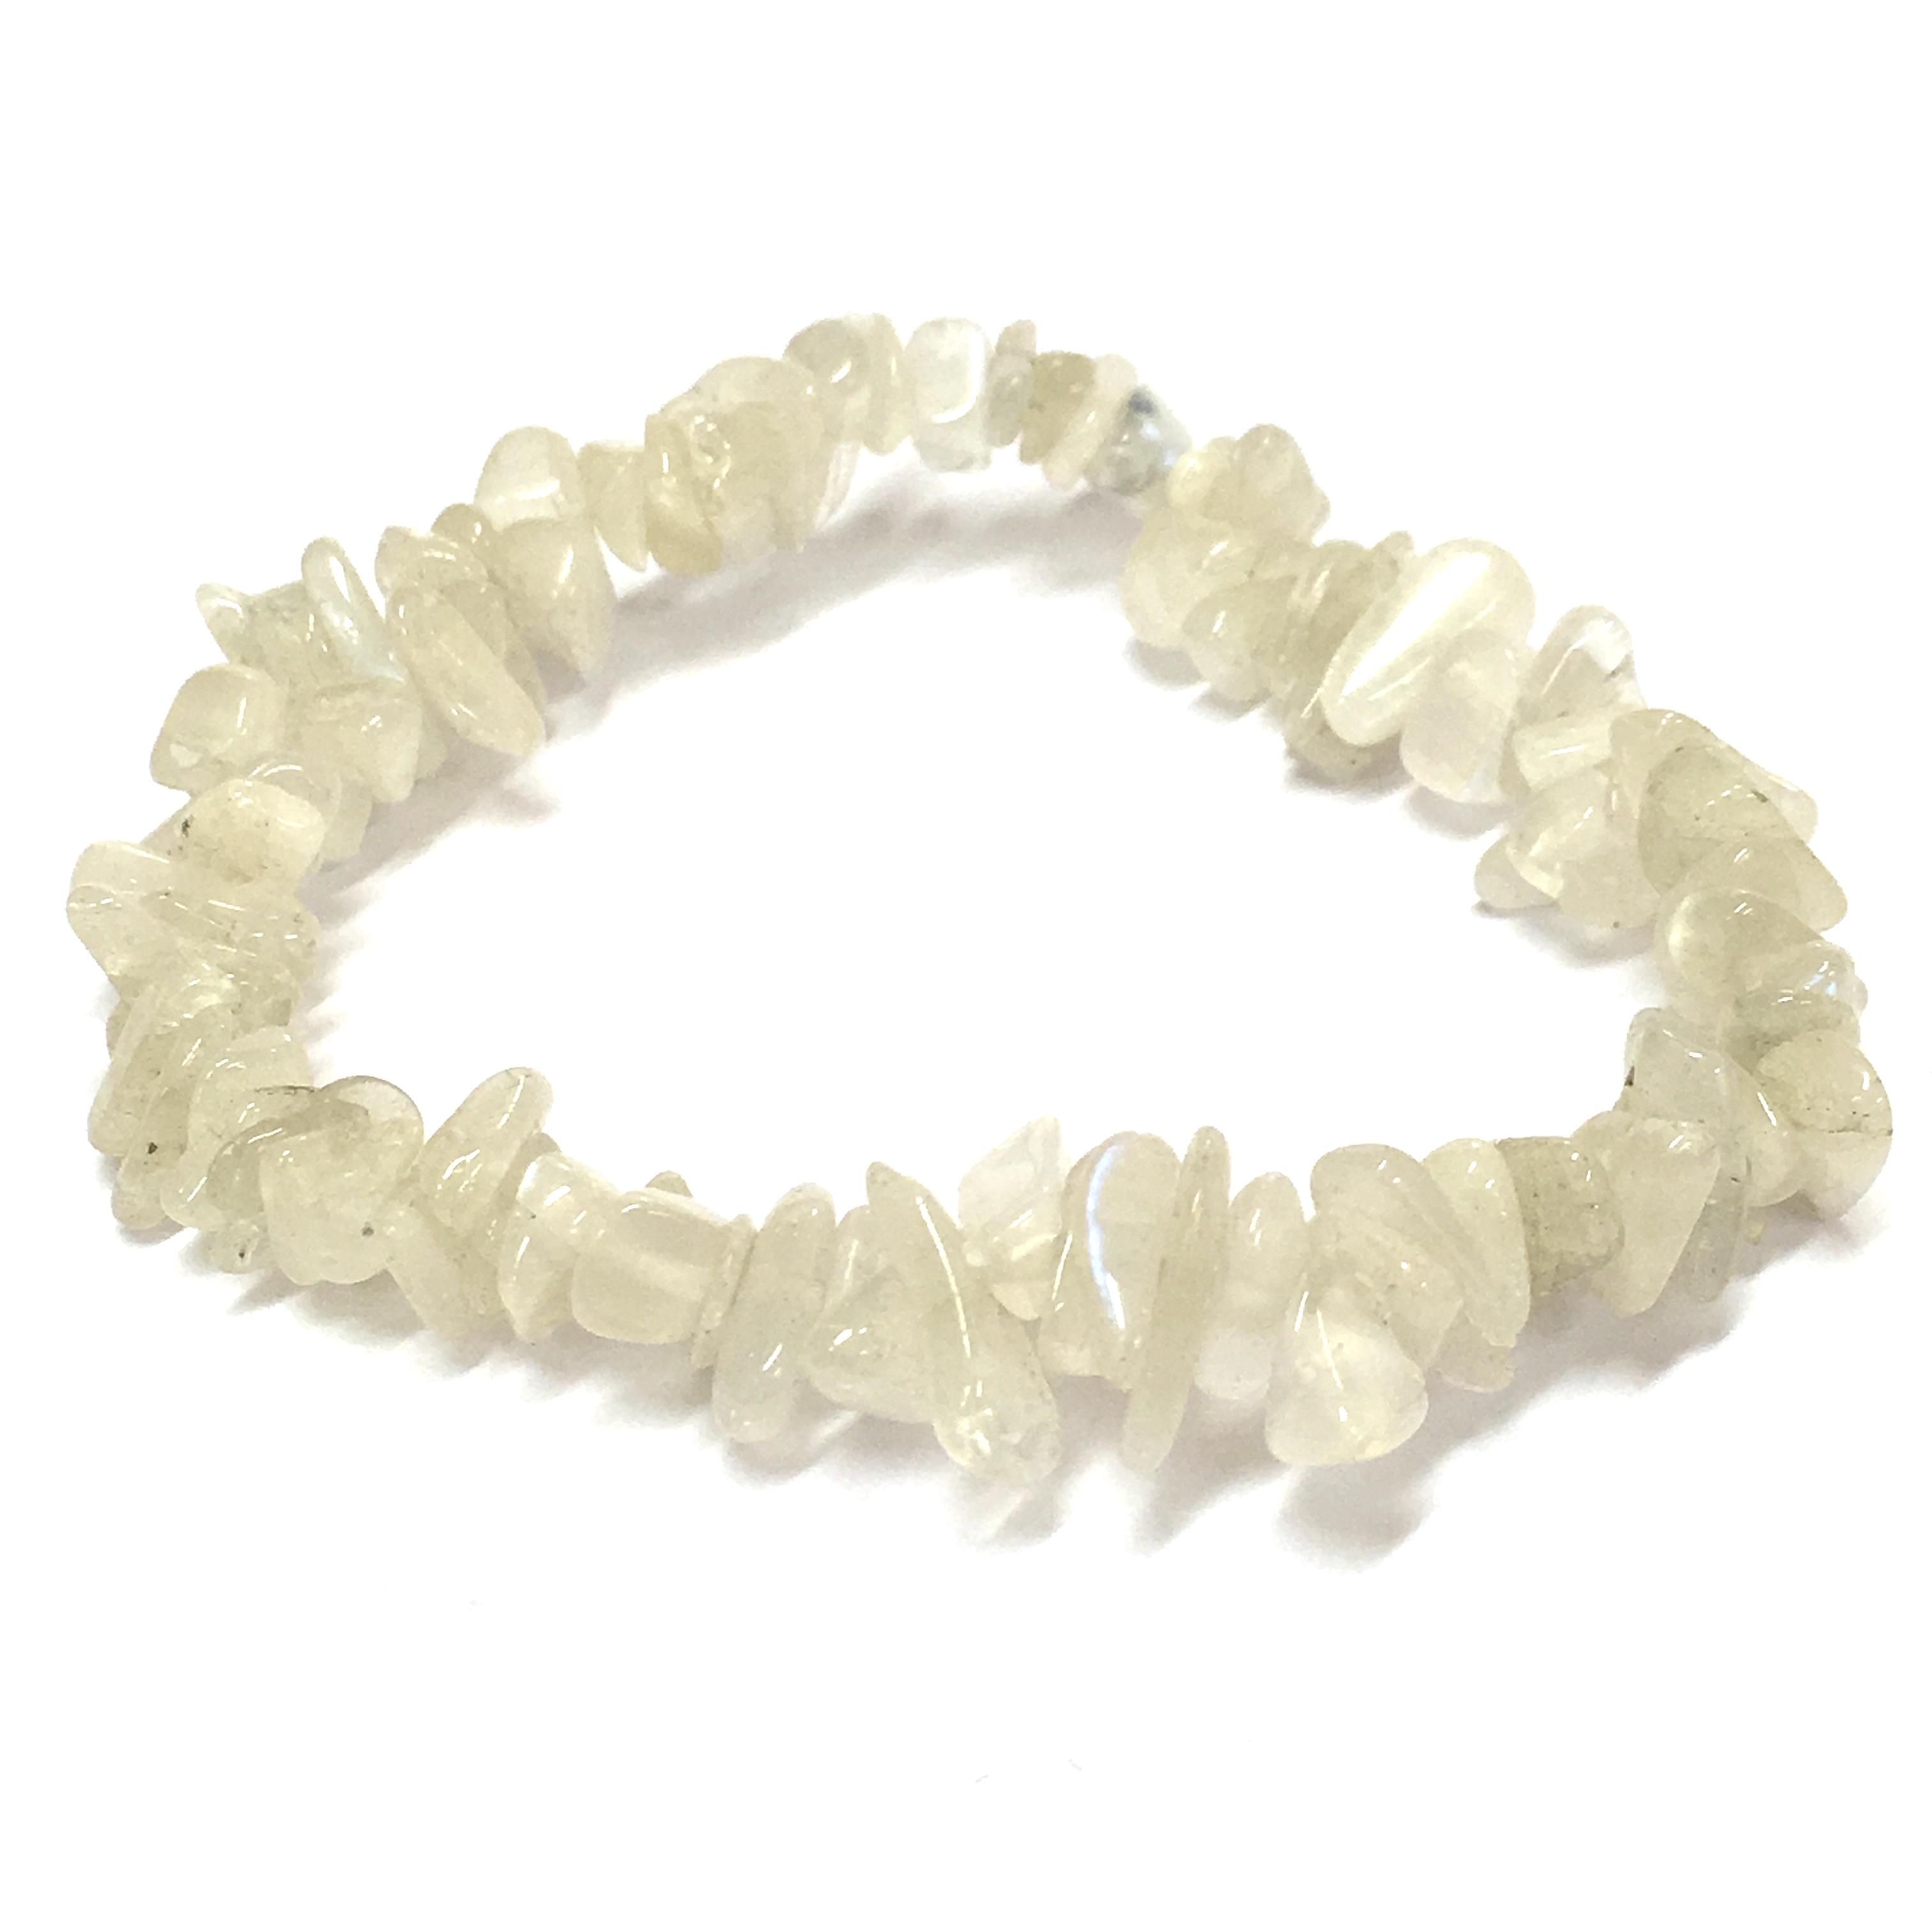 Käevõru, Valge labradoriit tsipsid (2684)